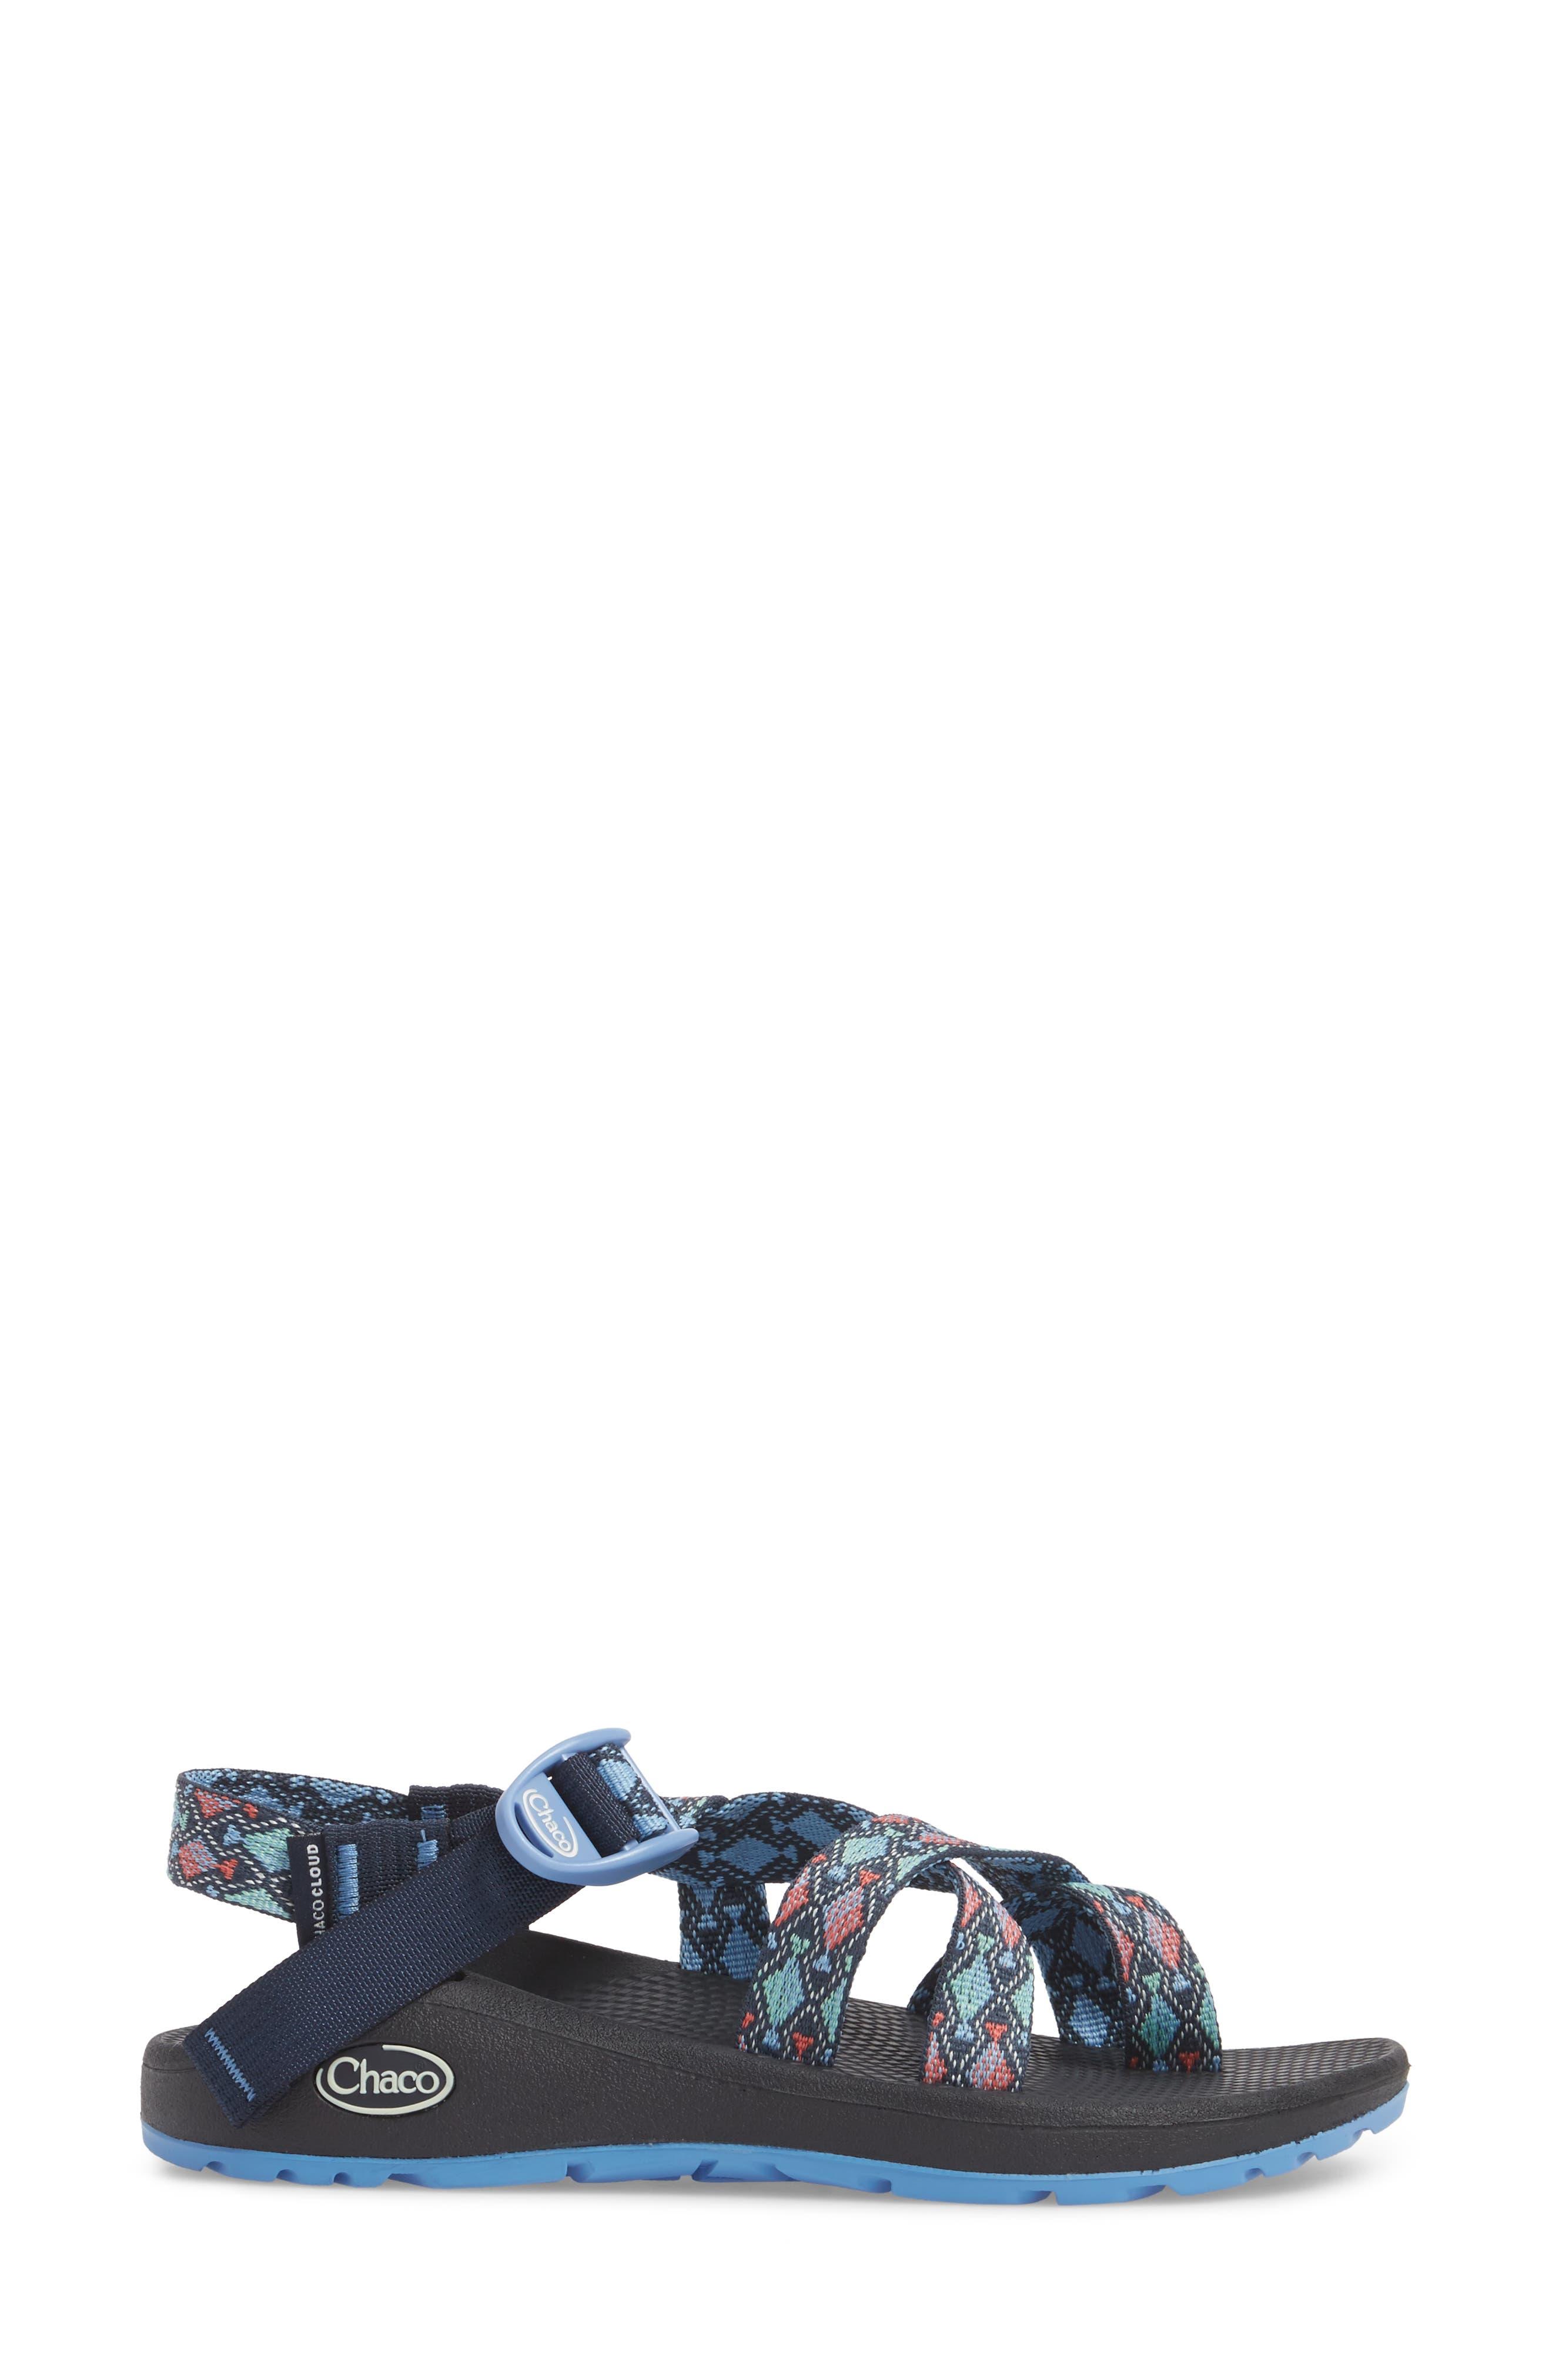 Z/Cloud 2 Sport Sandal,                             Alternate thumbnail 3, color,                             Trace Eclipse